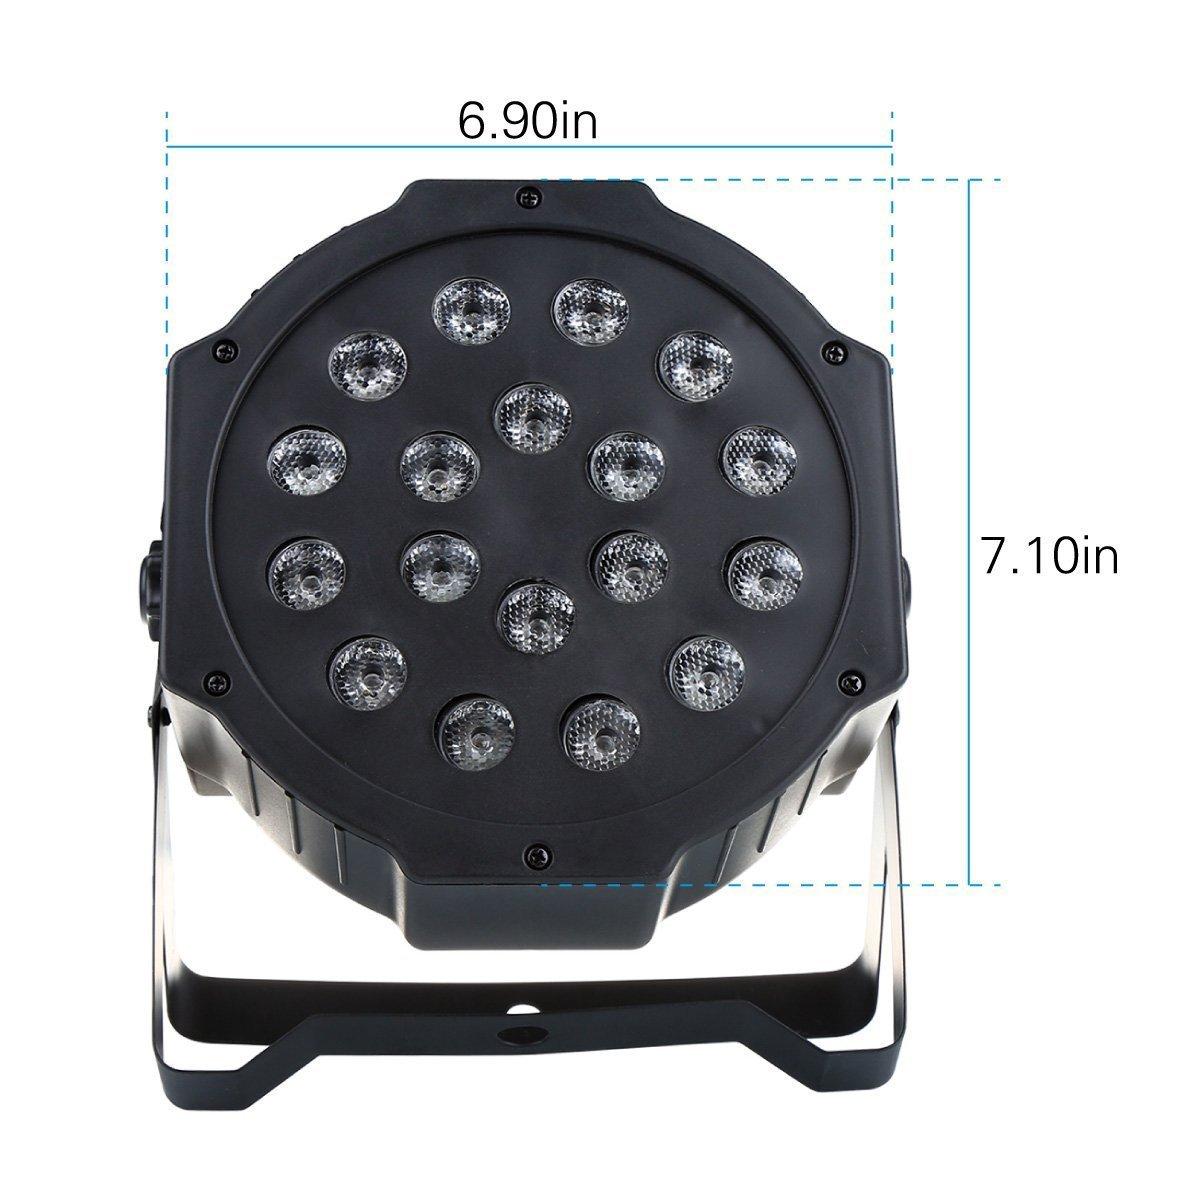 PAR LED Scheinwerfer sehr deutlich im Preis gefallen - Bestseller #1 (Amazon mit Prime)